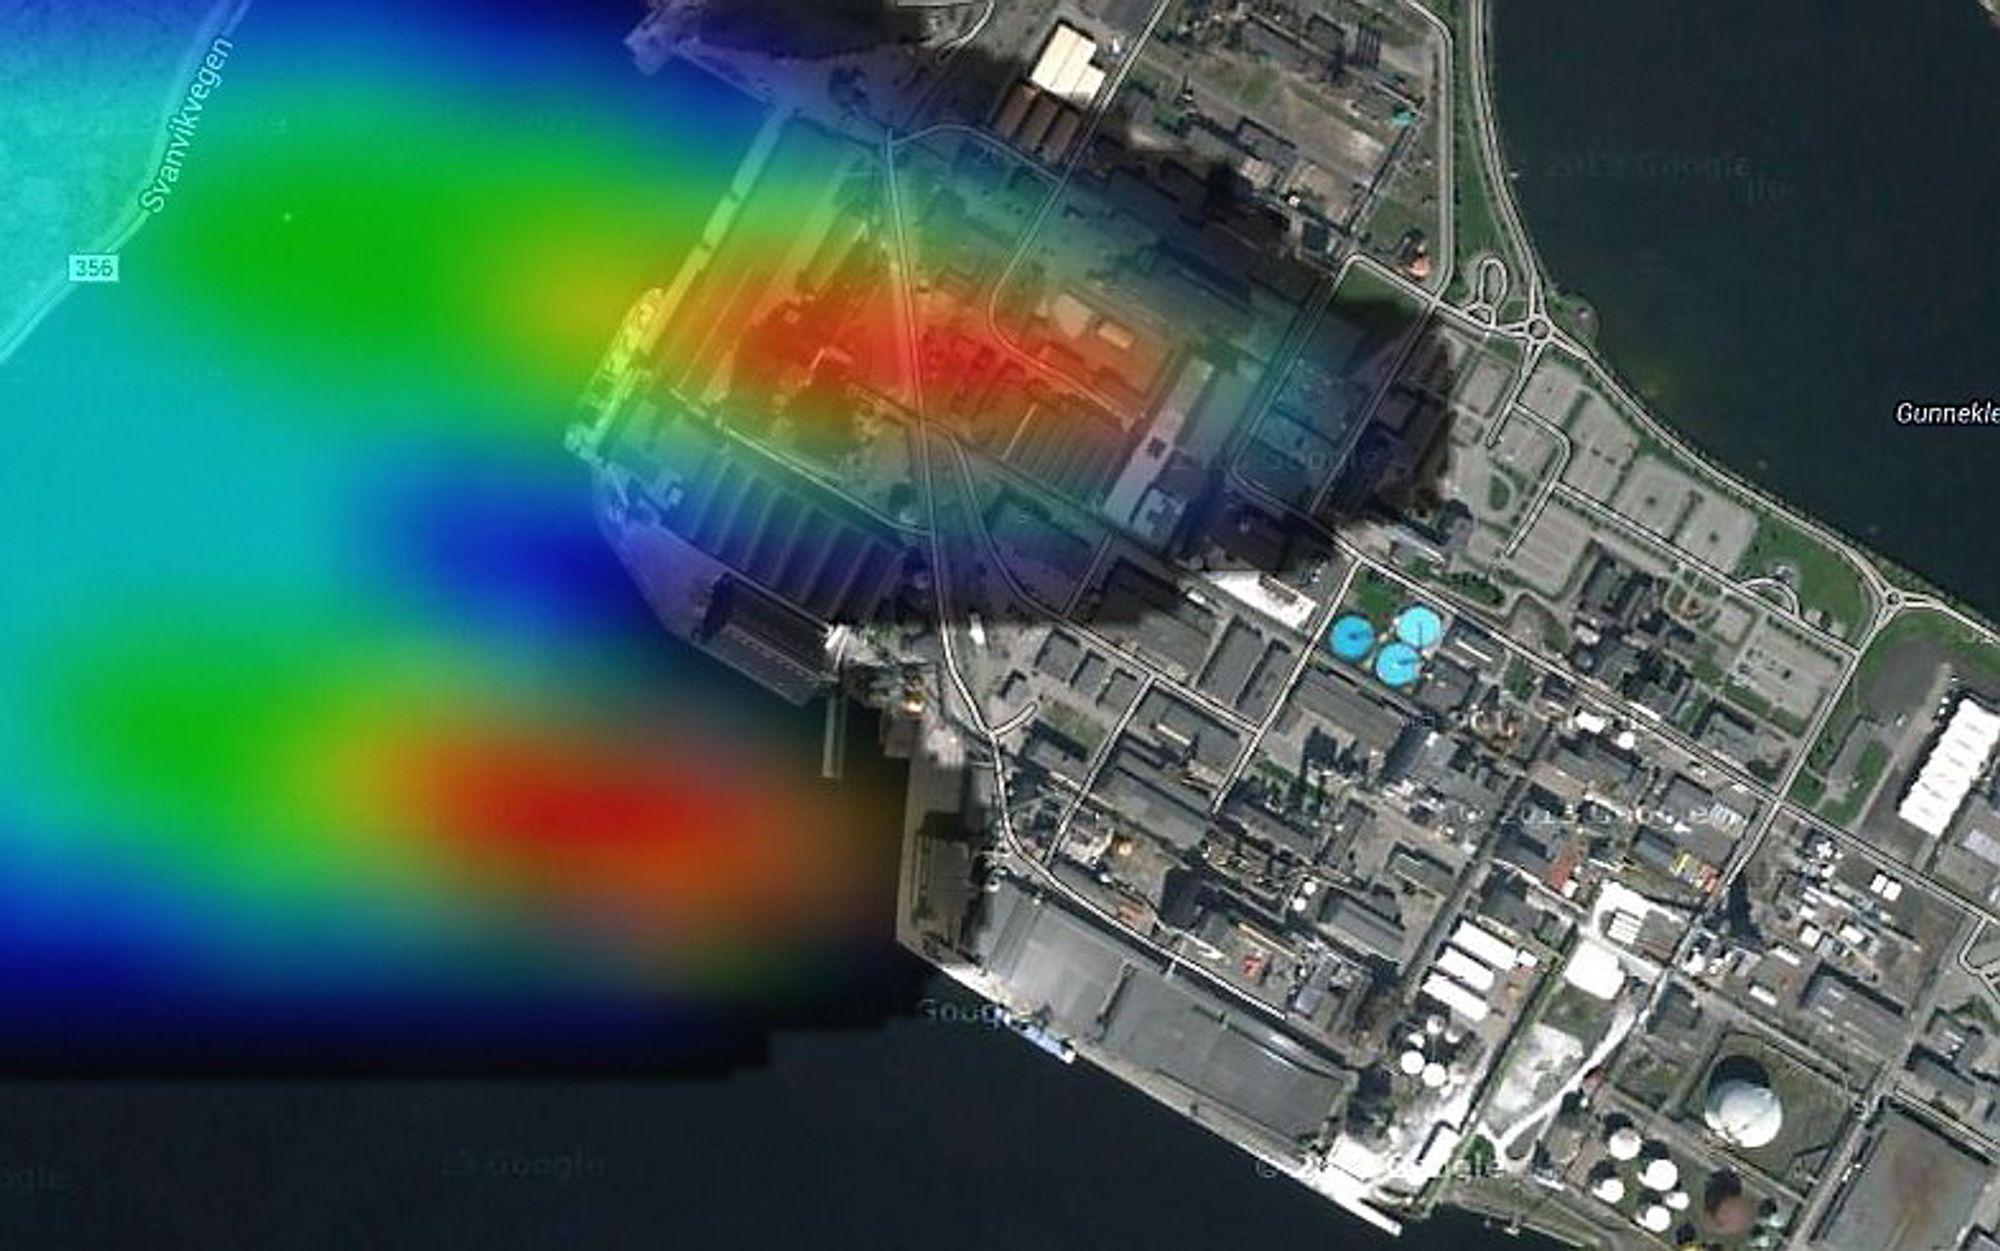 Terrengdata fra Kartverket gir bedriften Purenviro gratis råstoff til en modell over hvordan vond lukt sprer seg fra et industriområde.